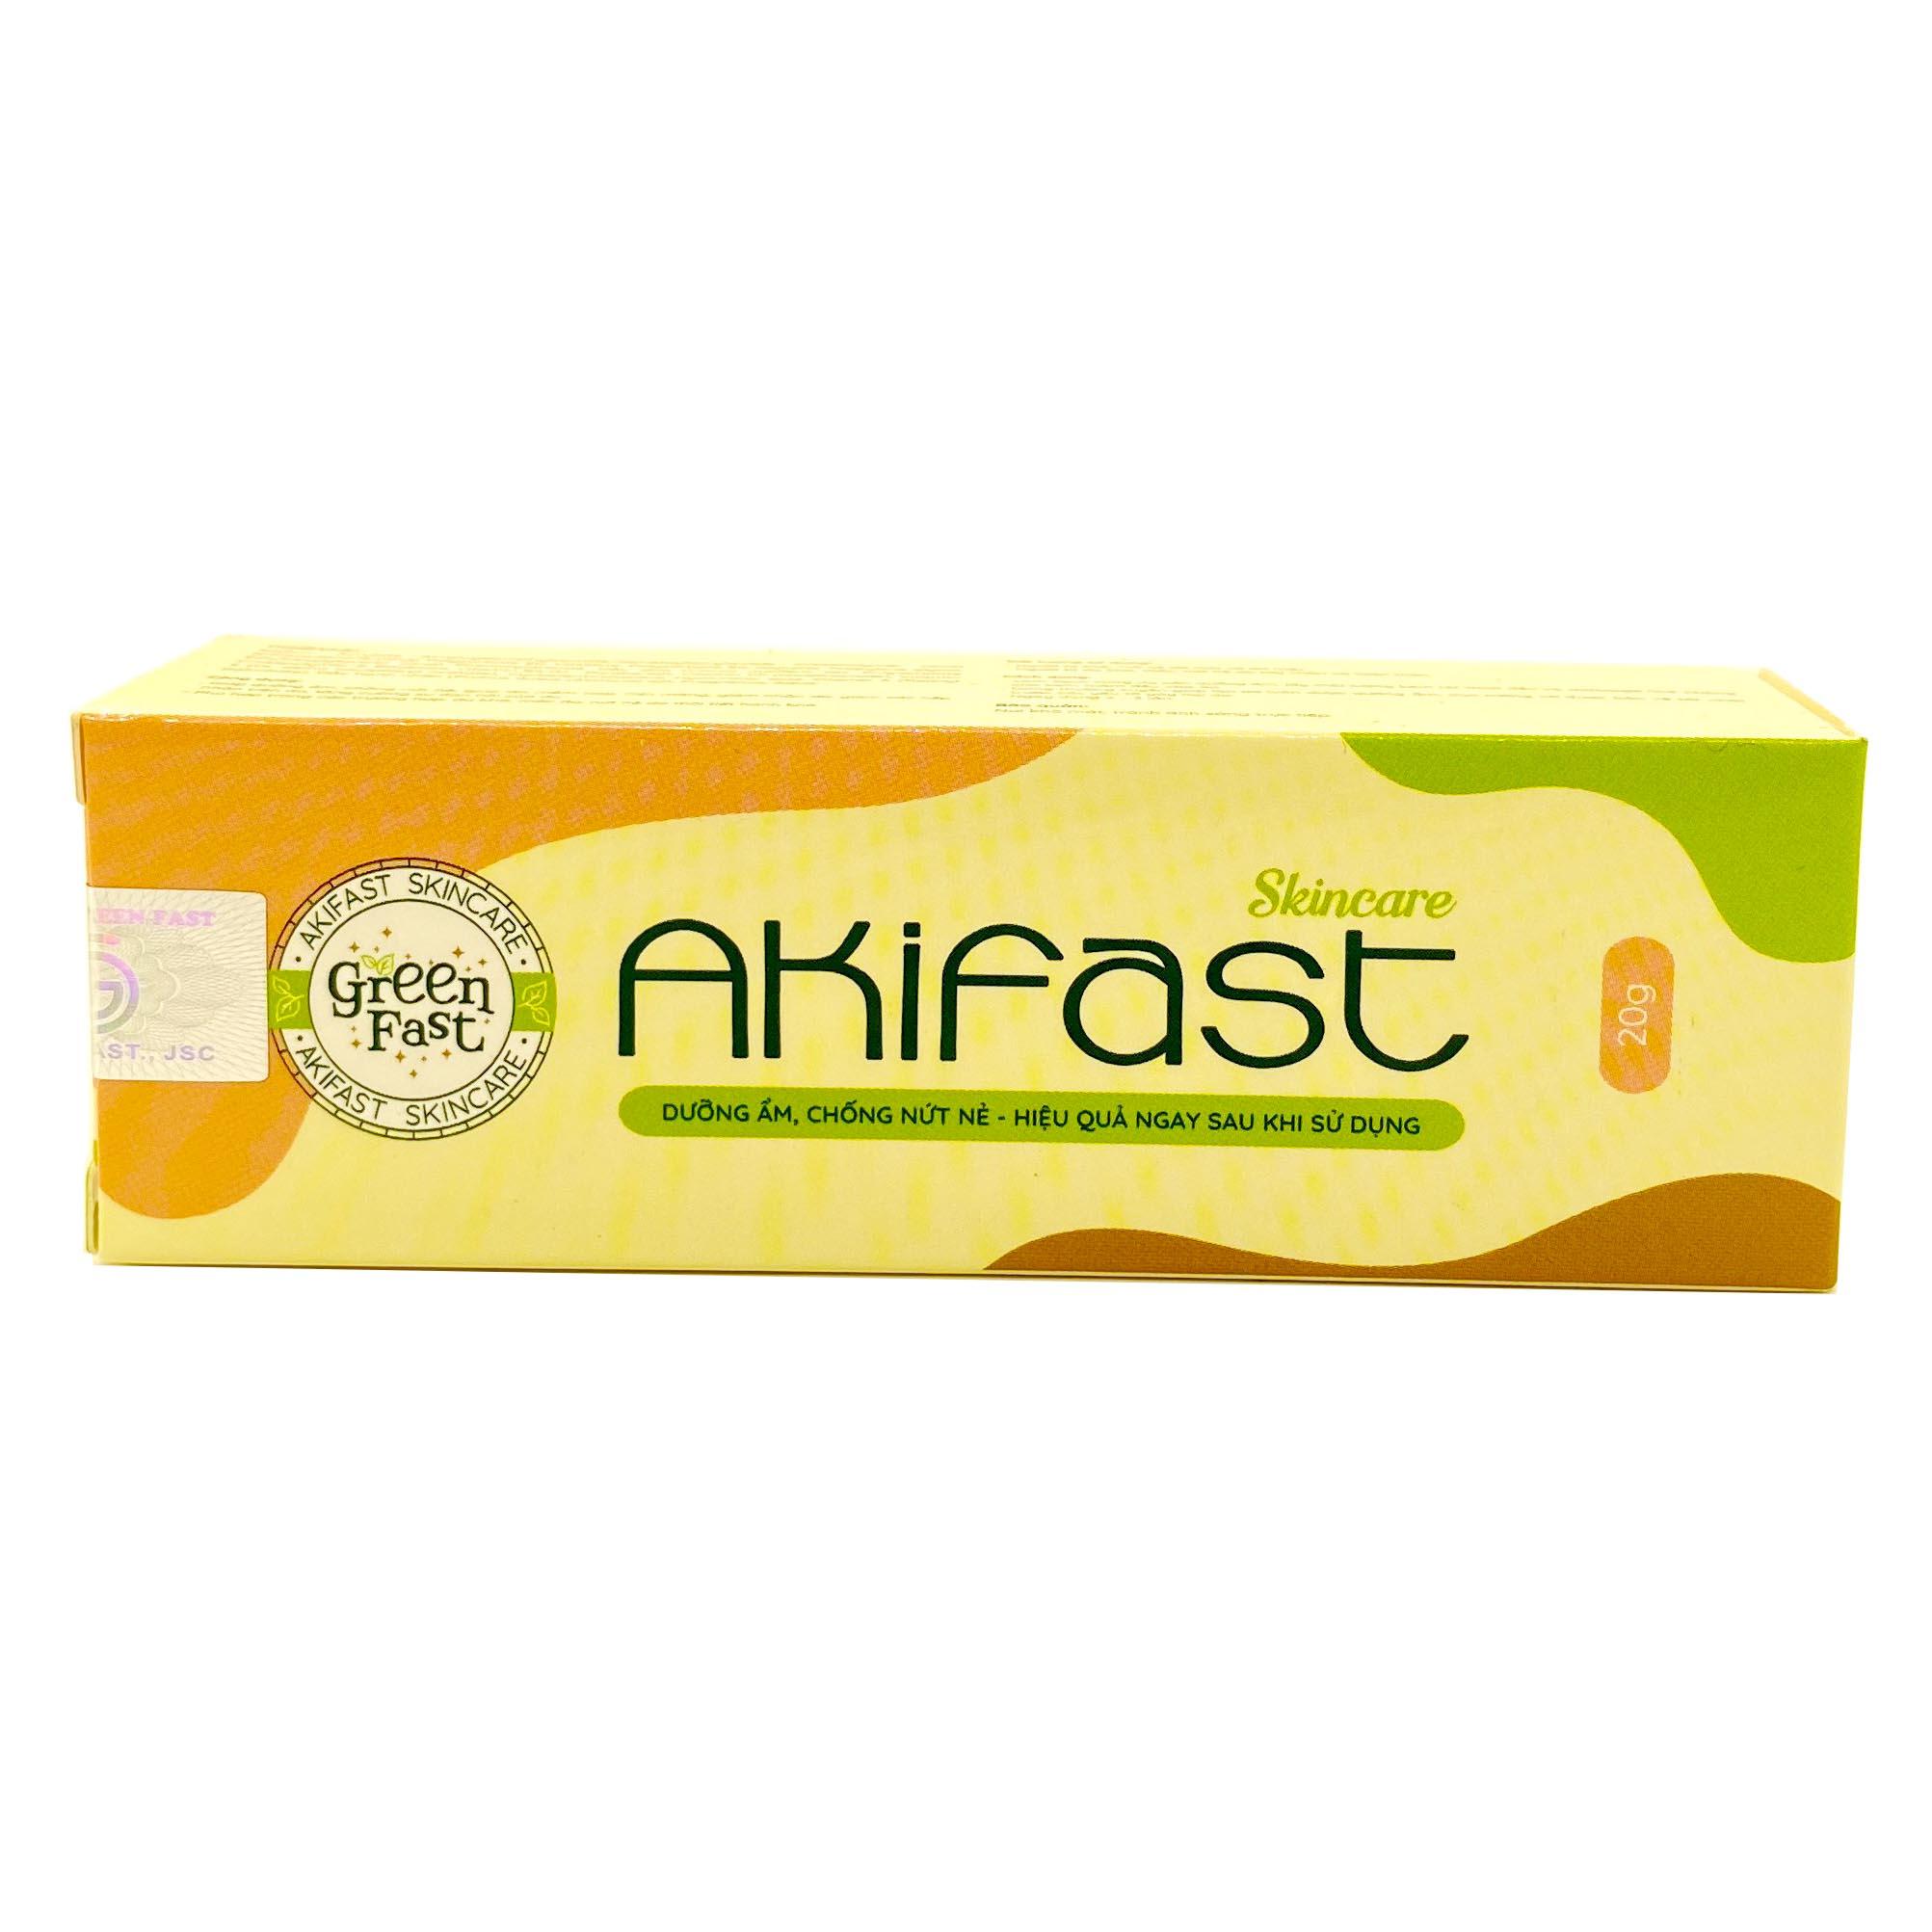 Kem dưỡng ẩm, chống nứt nẻ Akifast Skincare – nuôi dưỡng và làm mềm da, giảm khô nẻ do thời tiết